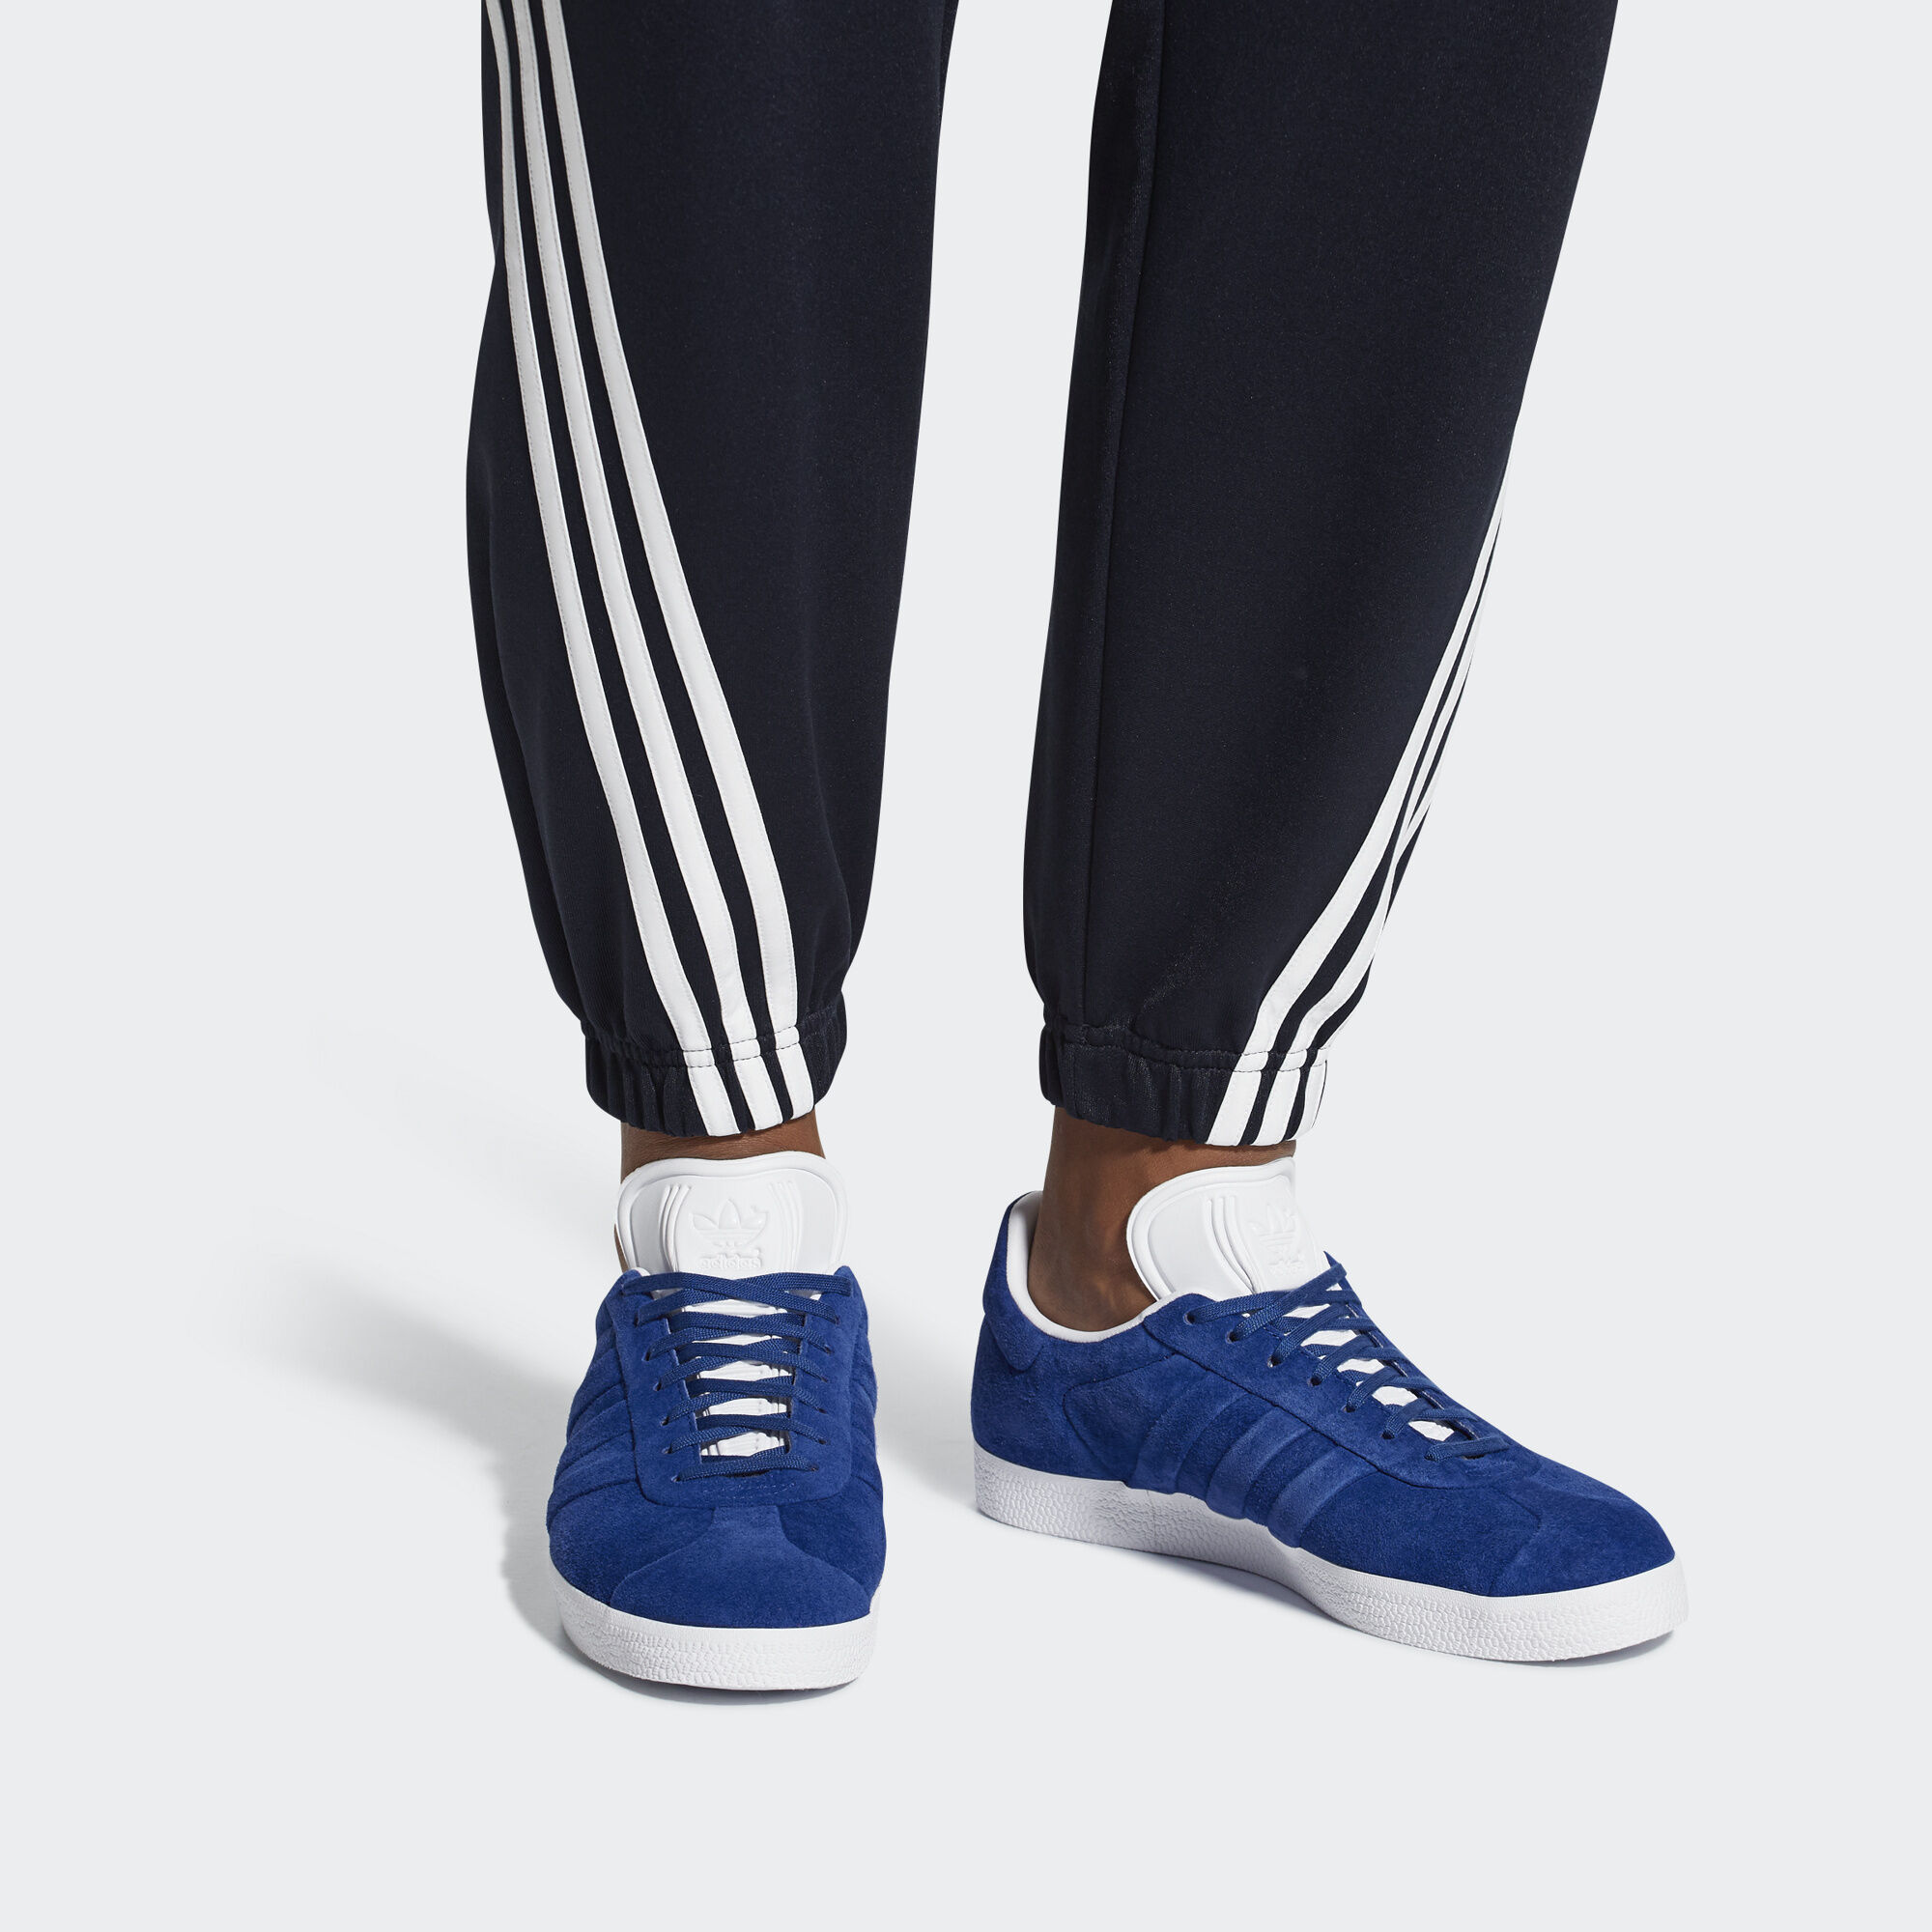 detailed look b88d7 ad653 Zapatilla Gazelle Stitch and Turn - Rosa adidas  adidas Espa